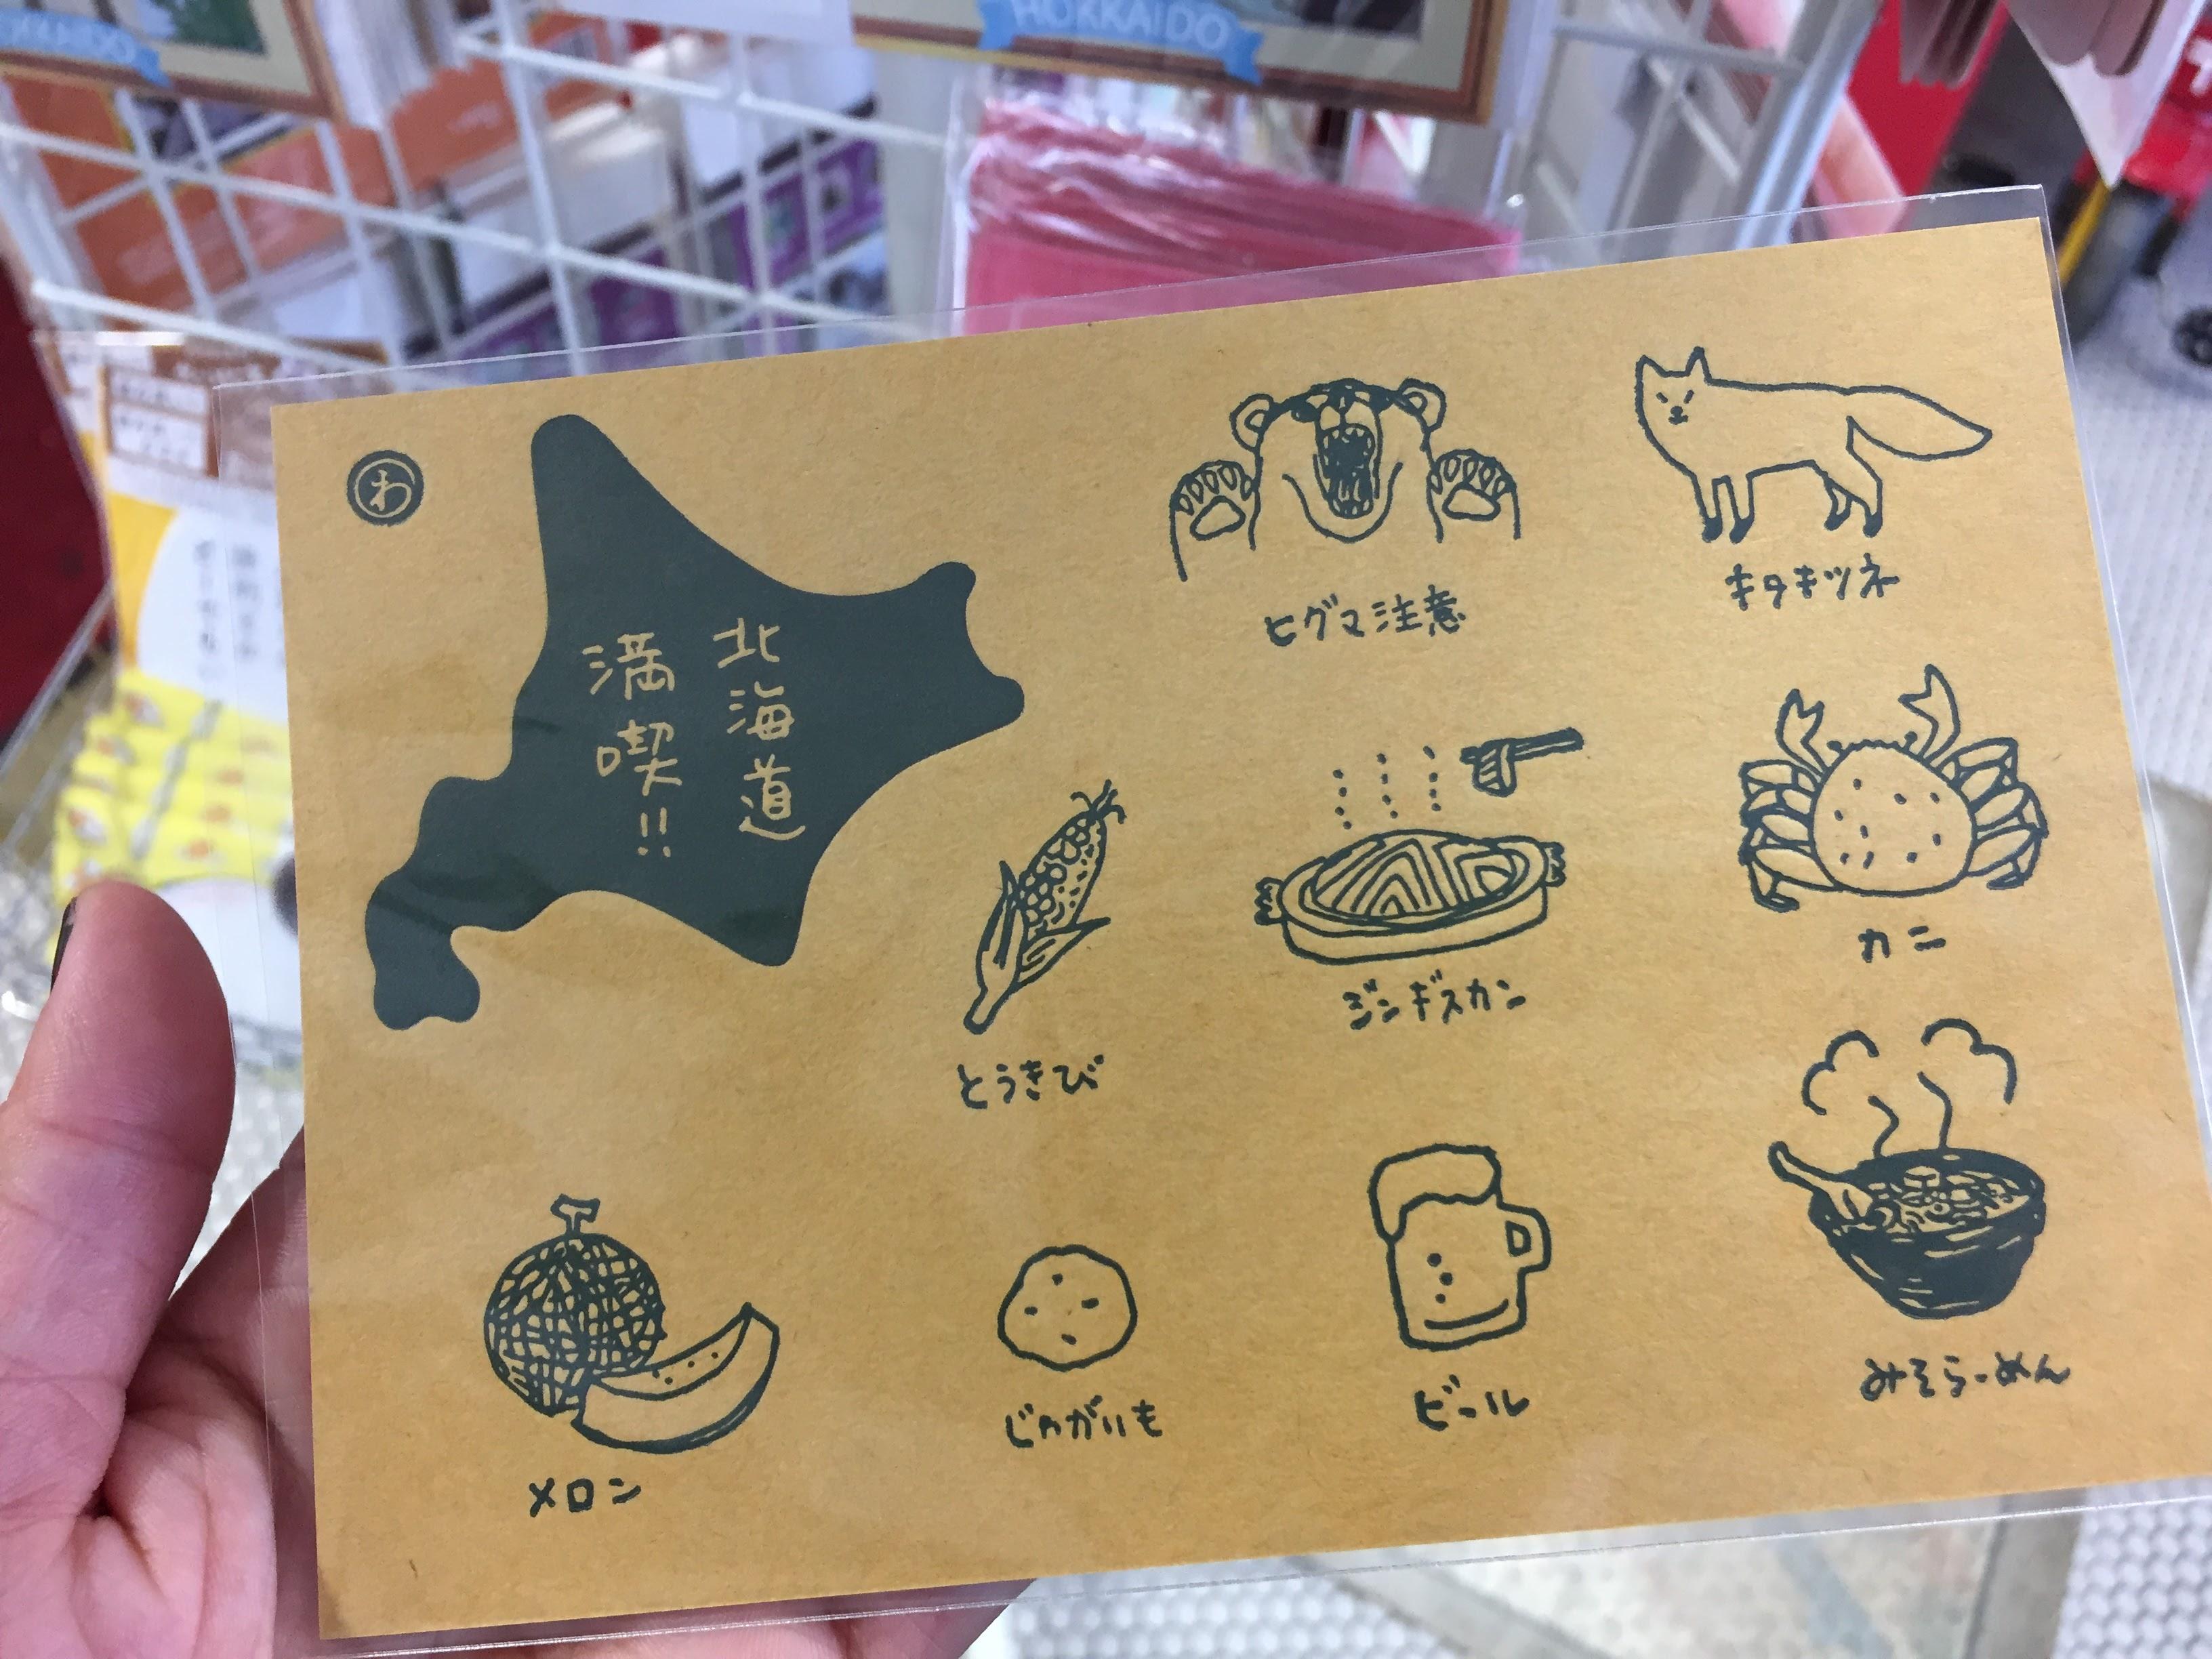 旅行|JP日本郵便-北海道篇